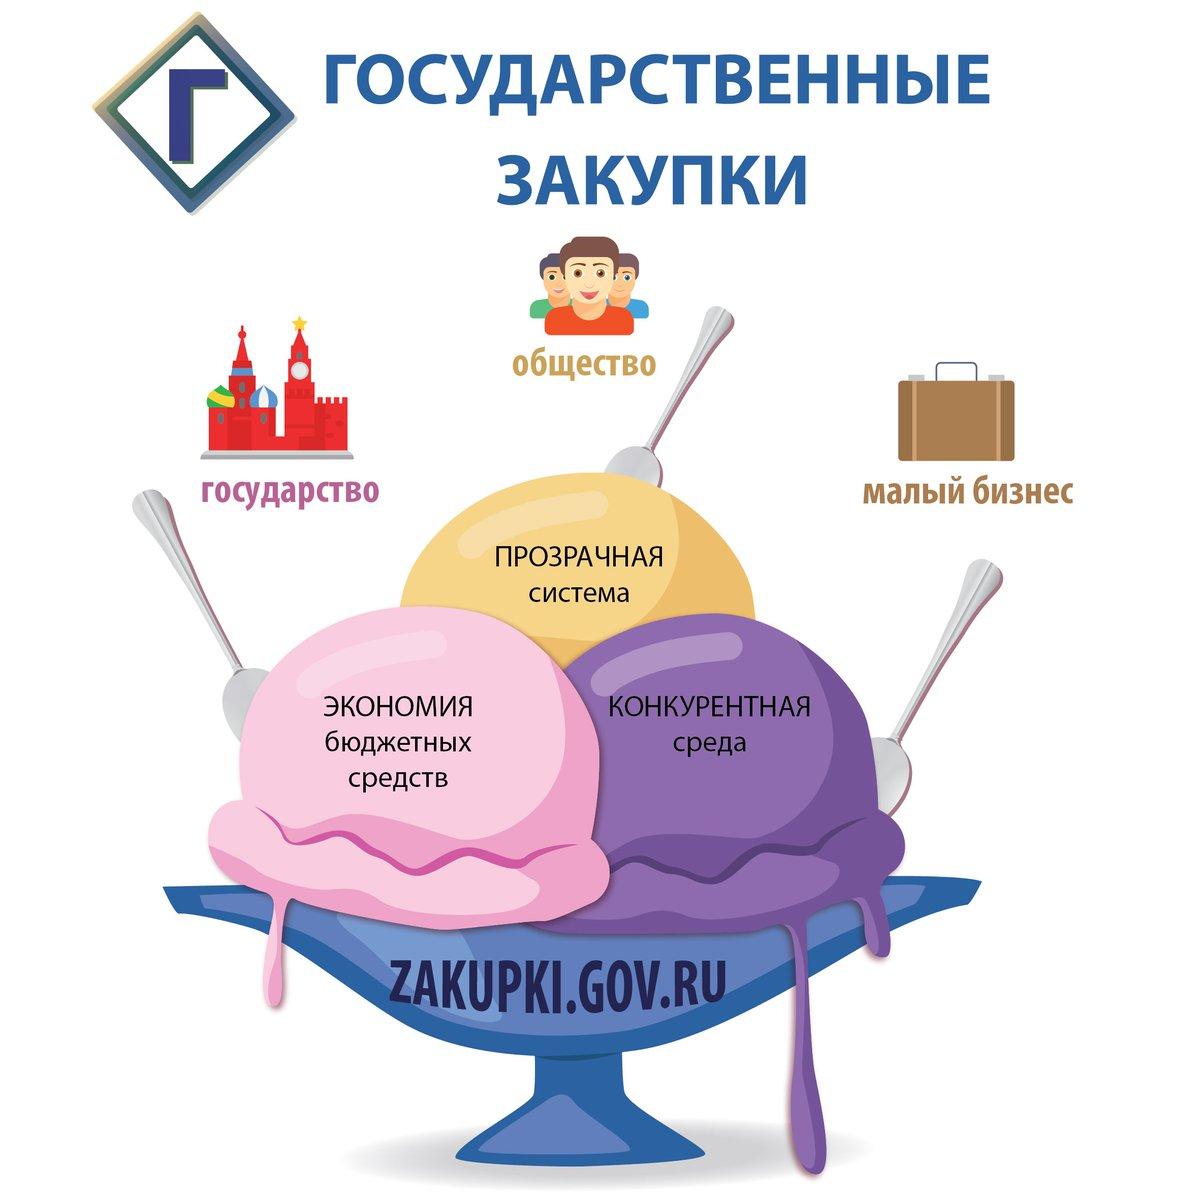 государственные закупки